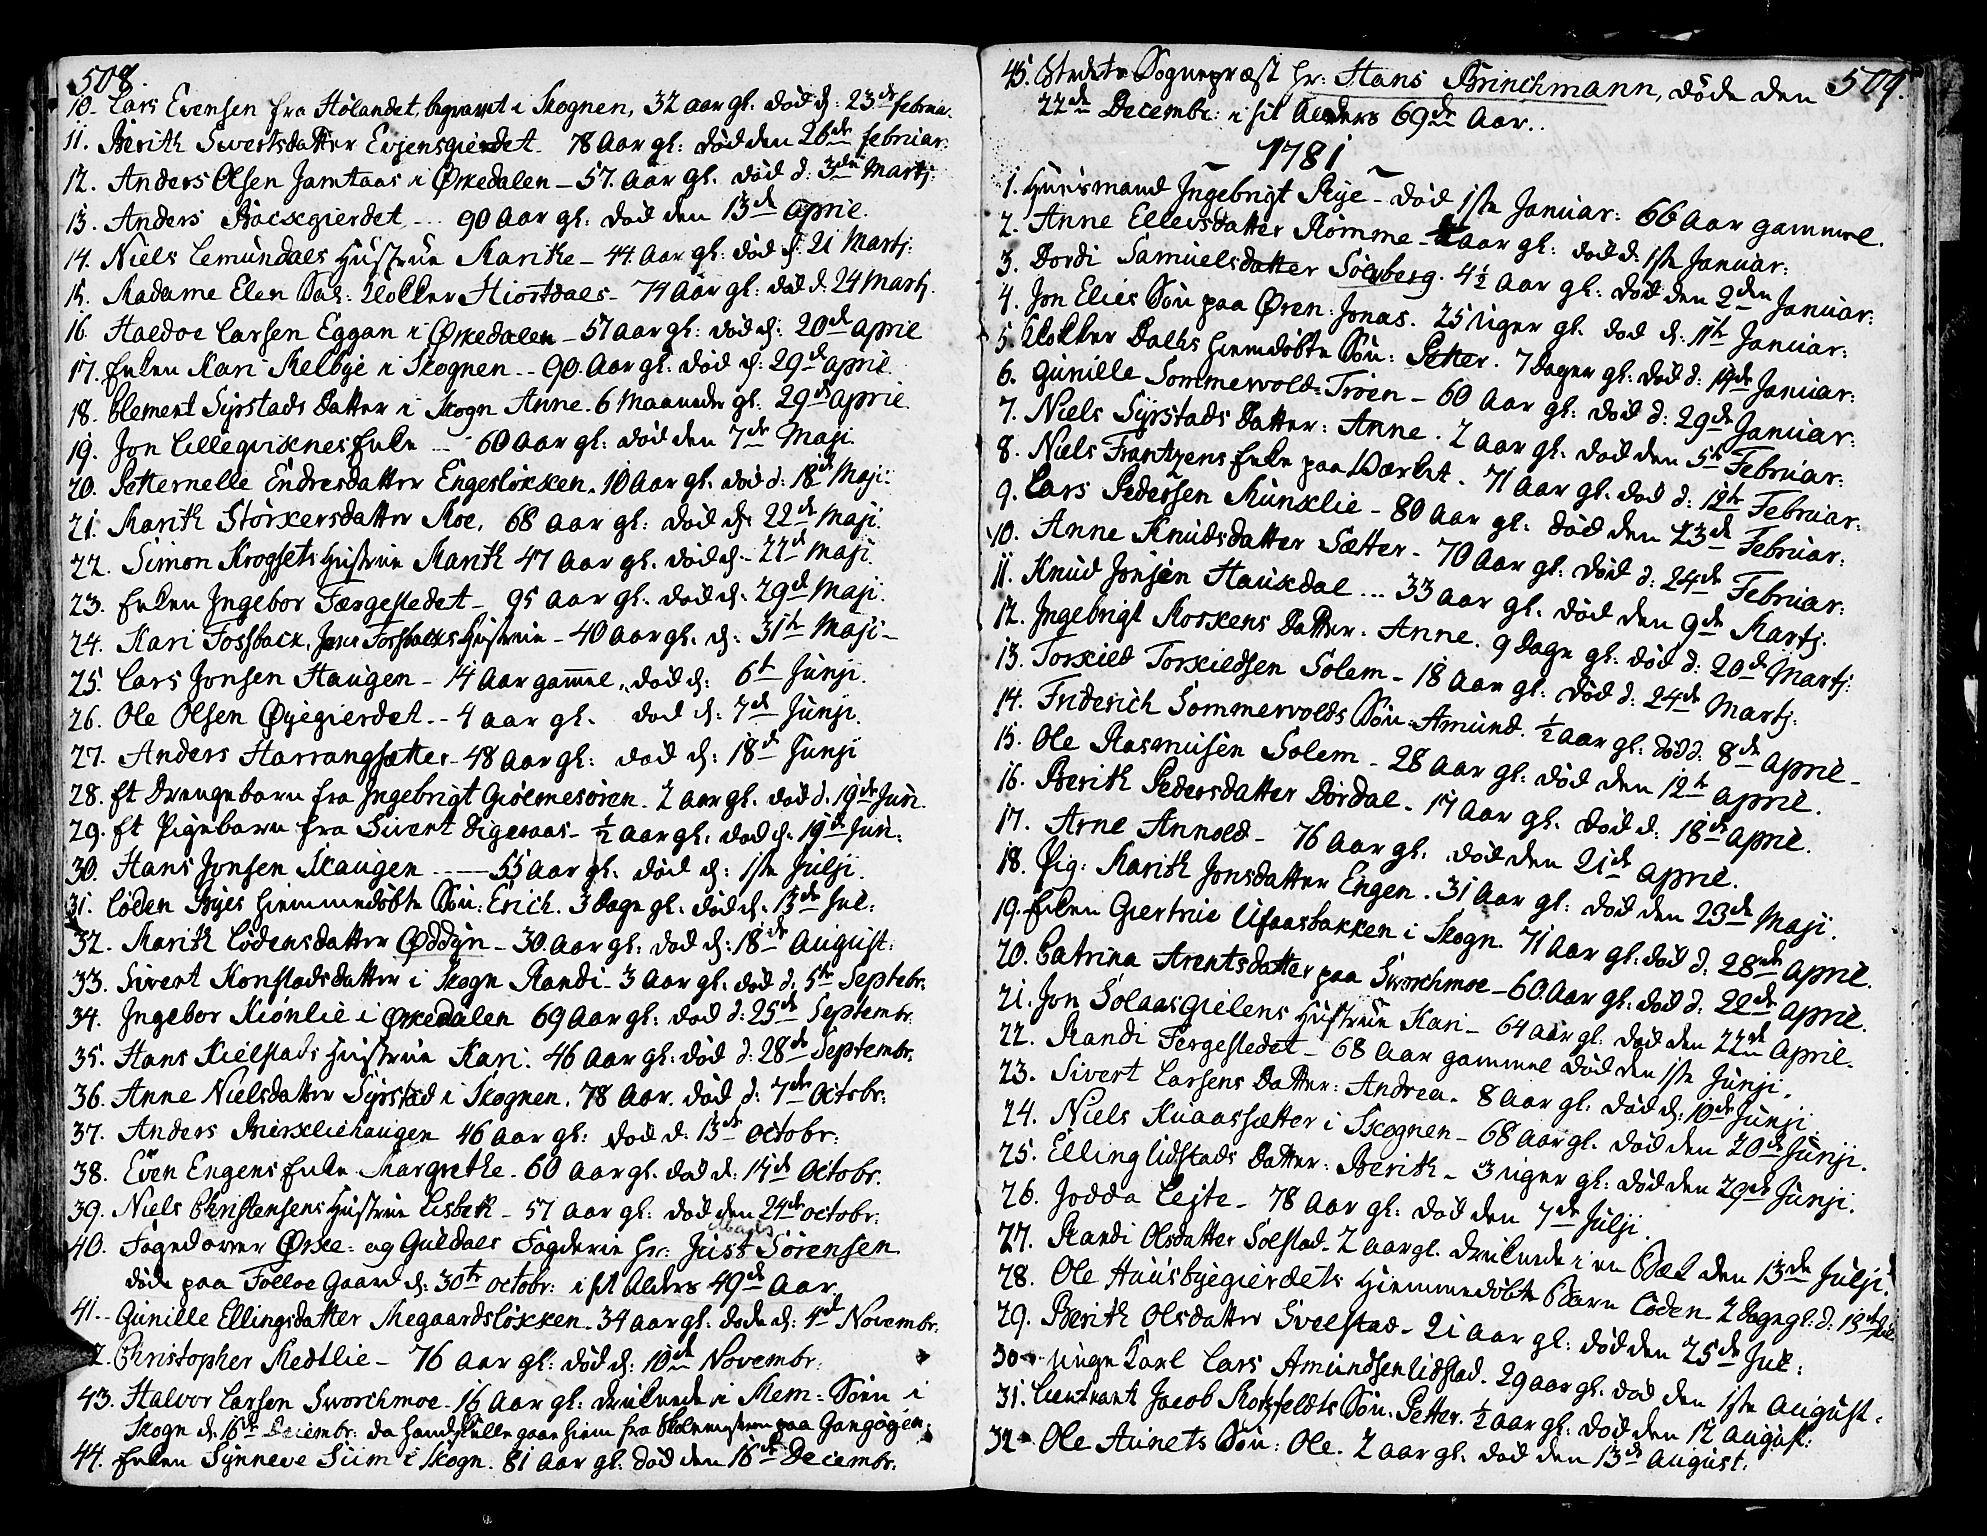 SAT, Ministerialprotokoller, klokkerbøker og fødselsregistre - Sør-Trøndelag, 668/L0802: Ministerialbok nr. 668A02, 1776-1799, s. 508-509